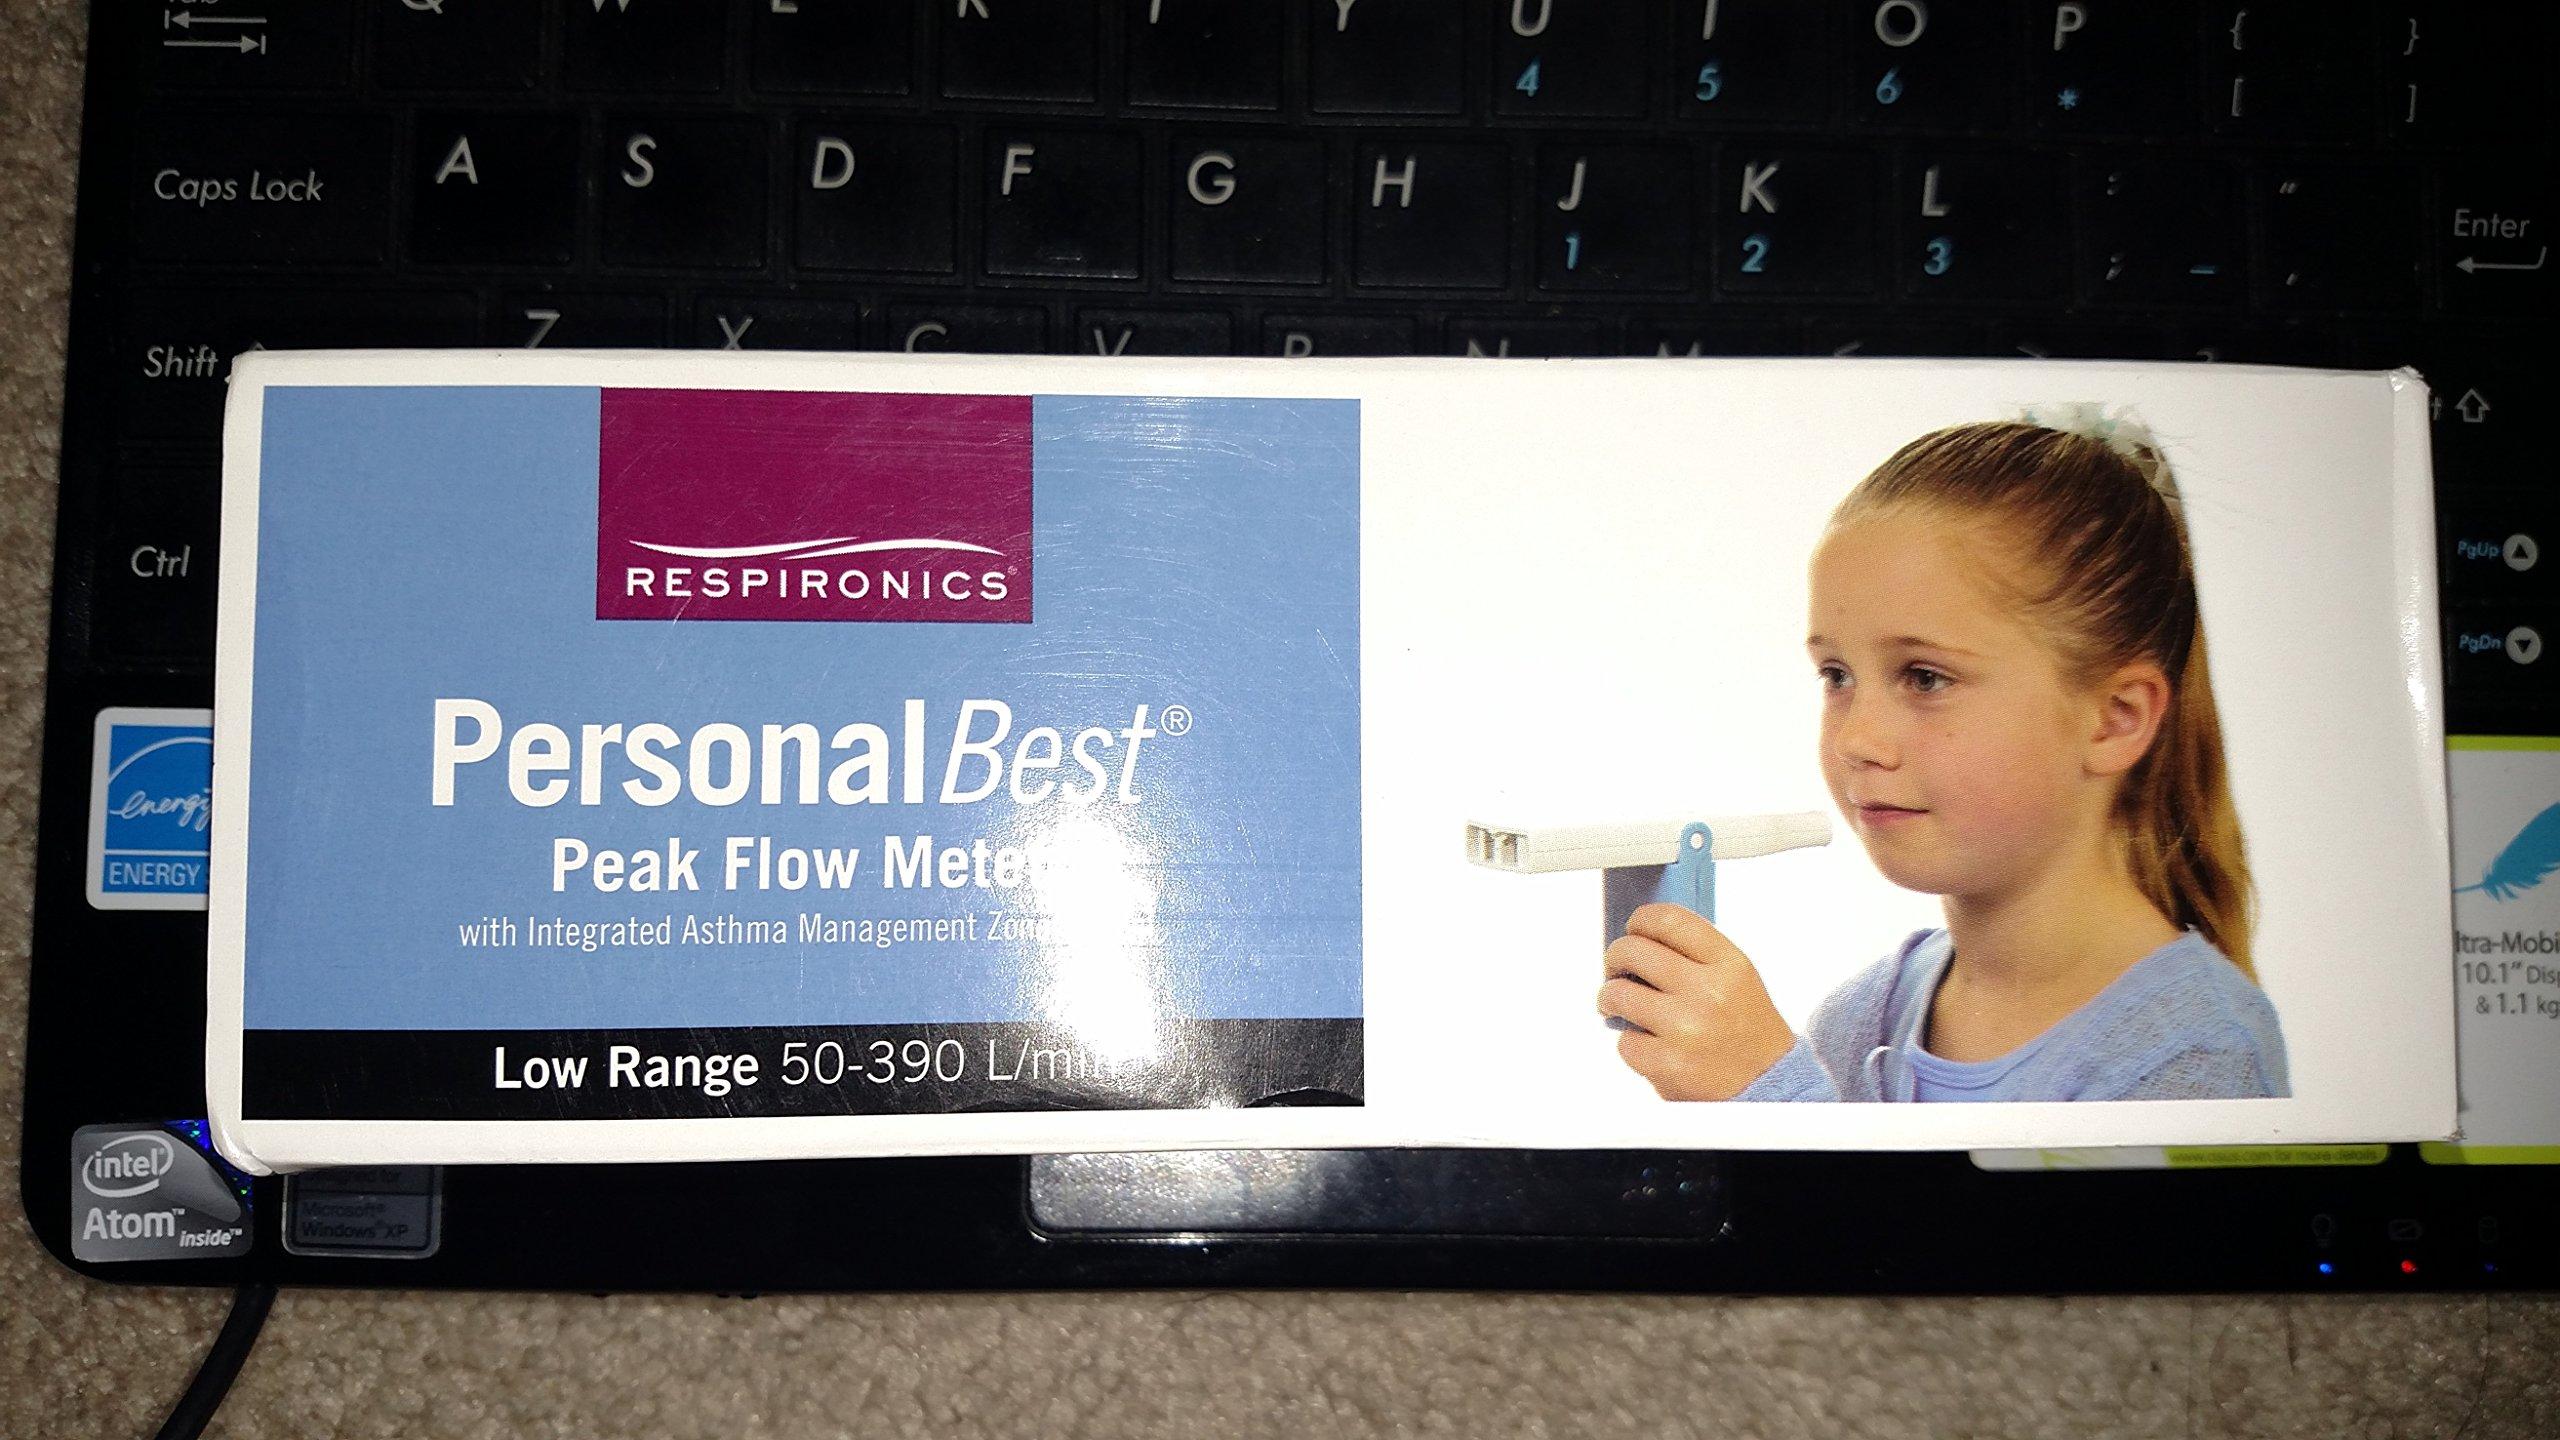 Philips Respironics Personal Best Peak Flow Meter